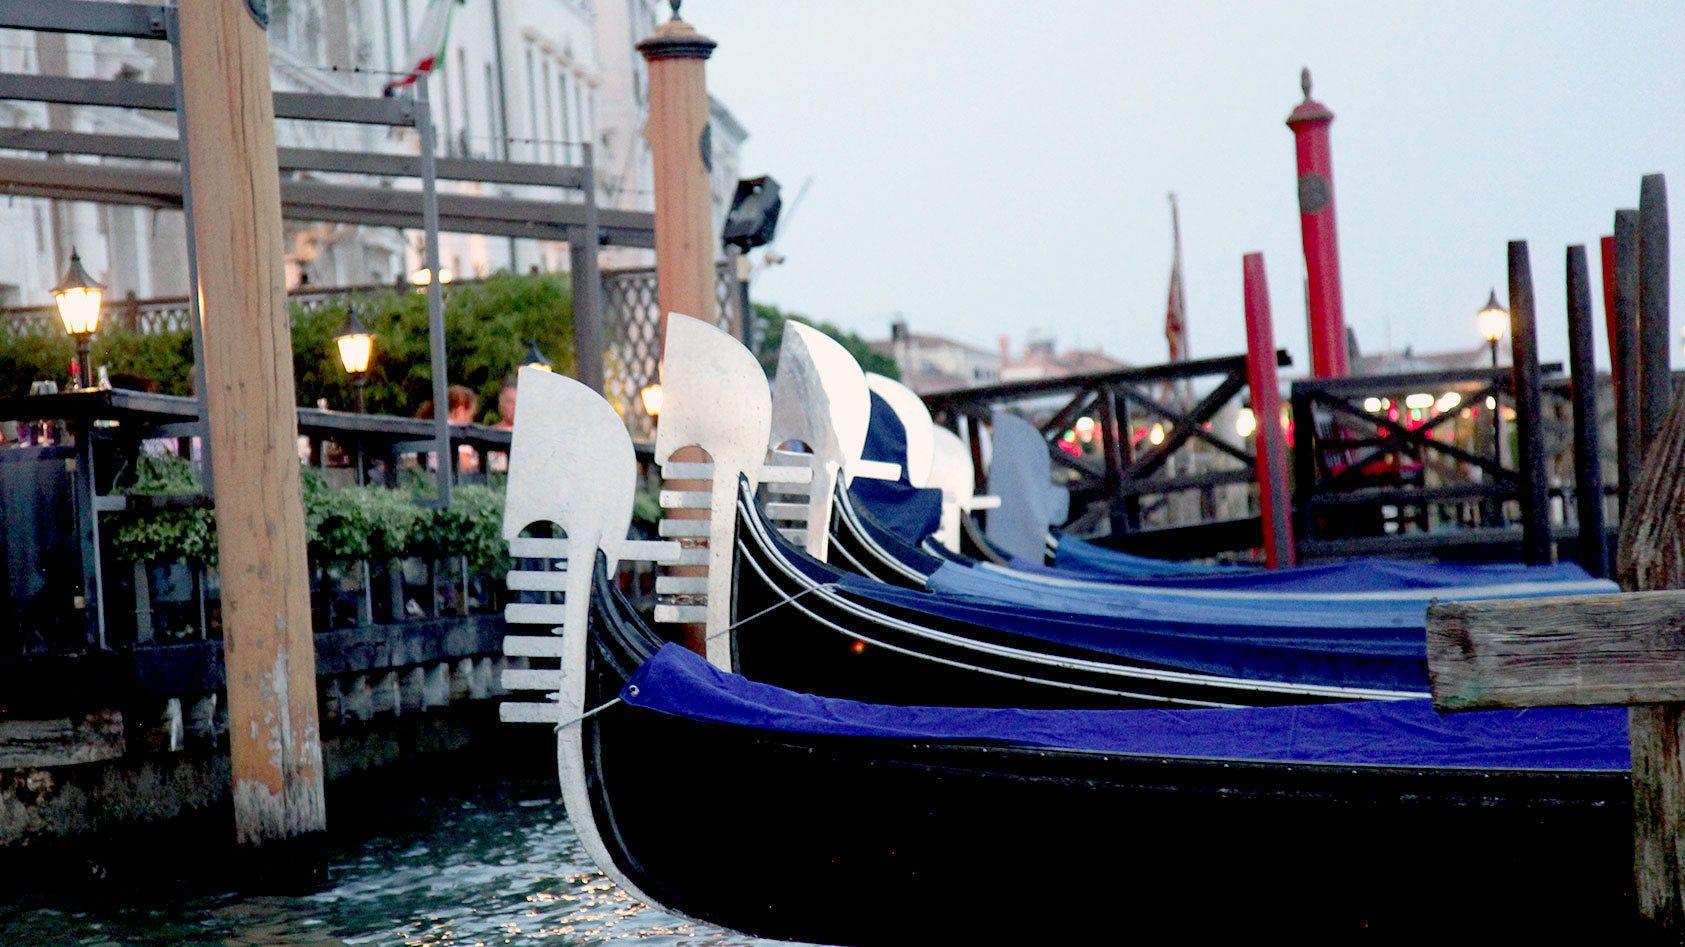 Gondolas docked in Venice Italy